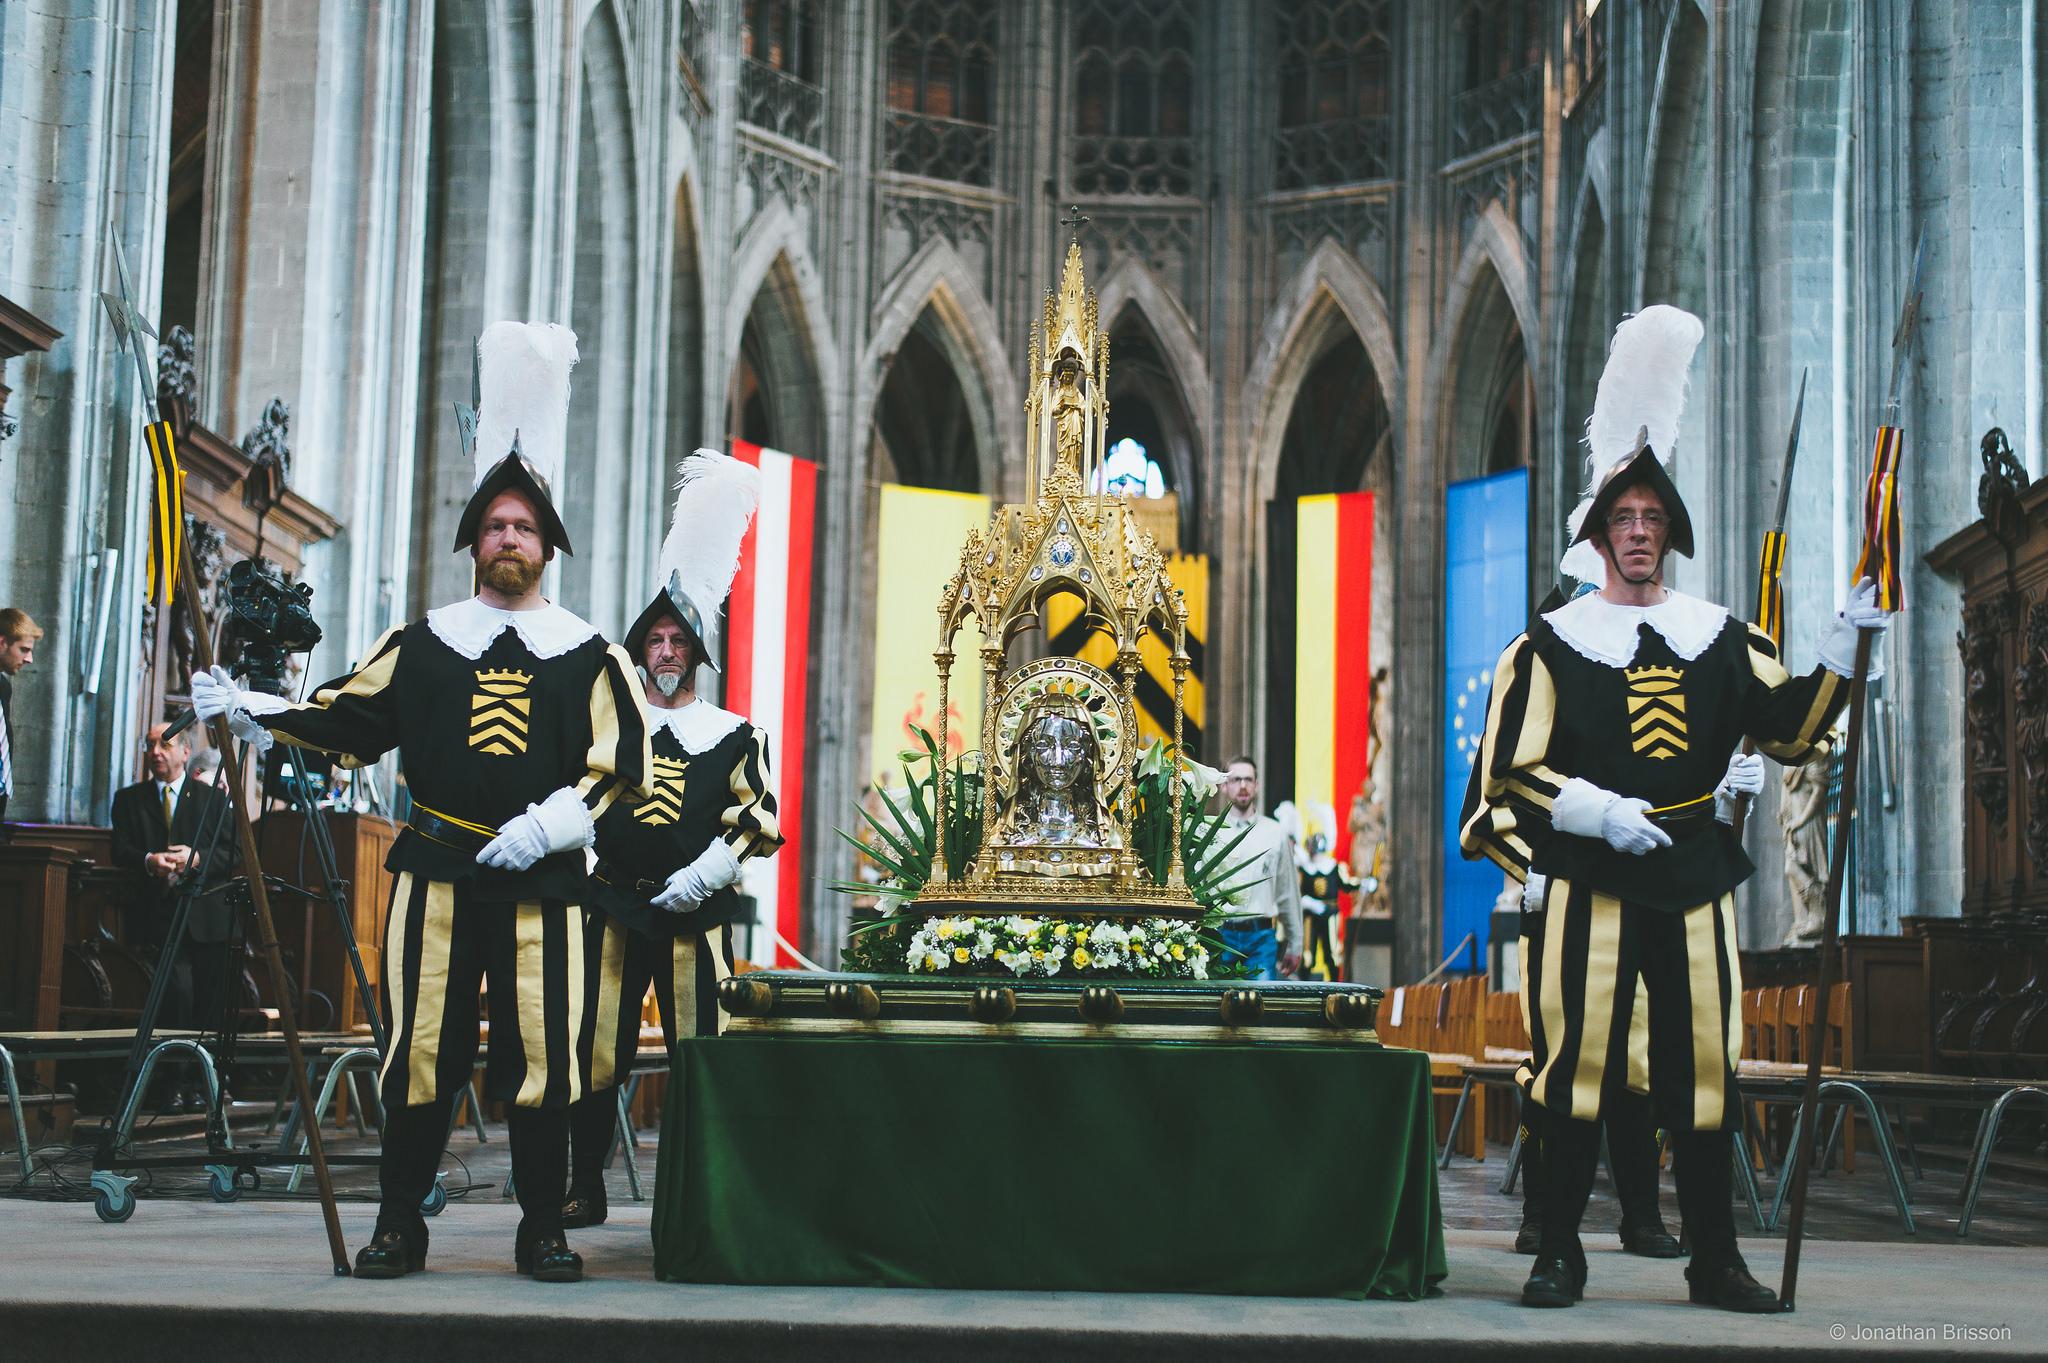 Garde au Chef de sainte Waudru